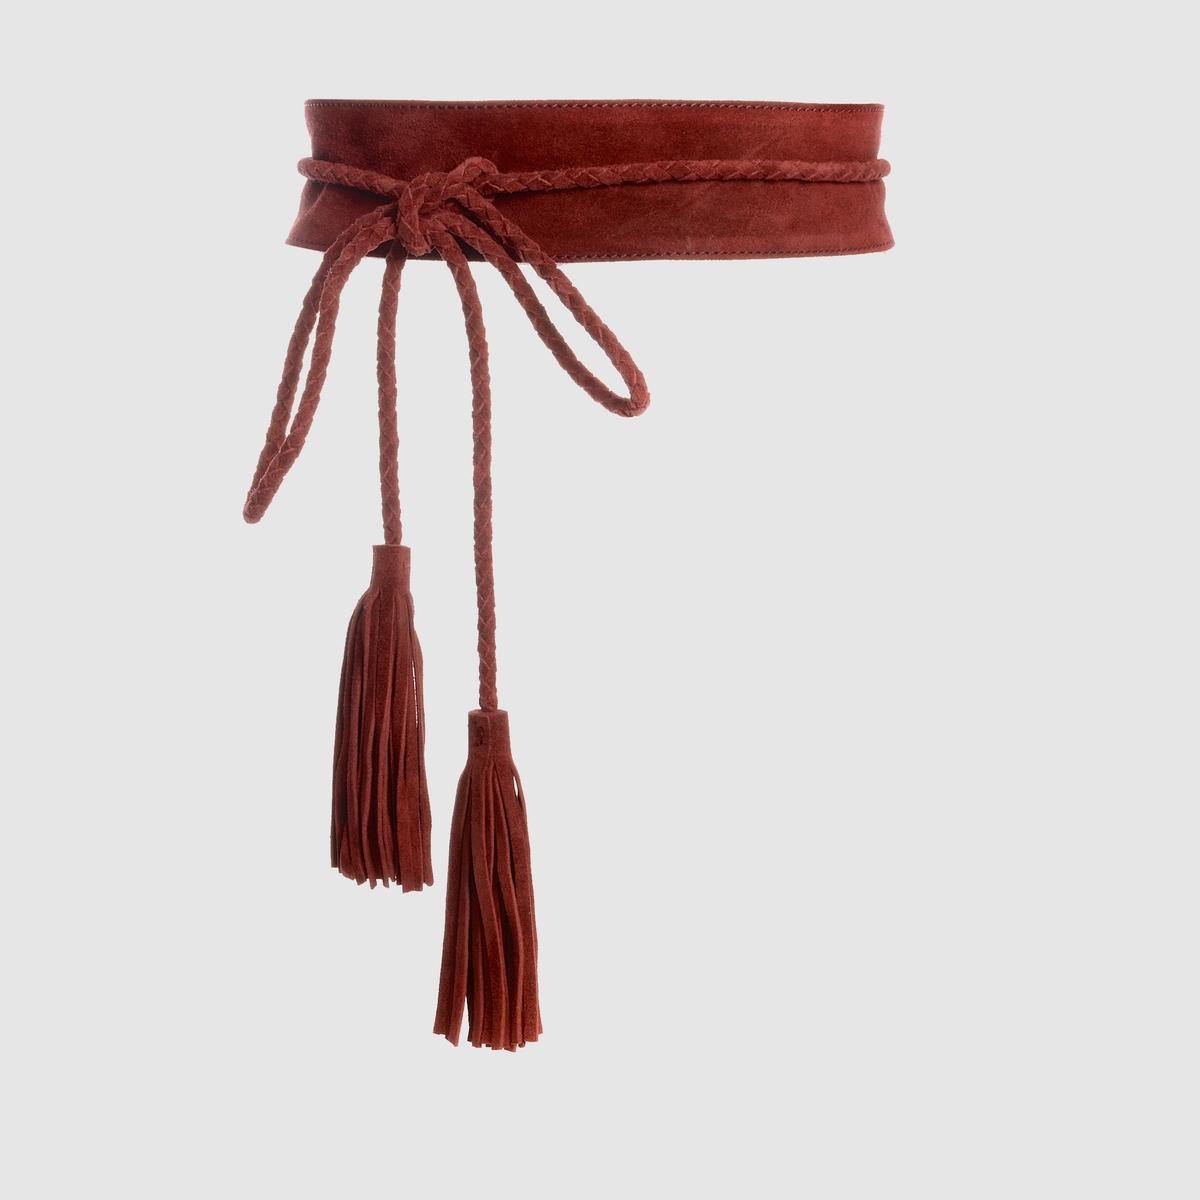 Ремень с помпонами и бахромойРемень с помпонами и бахромой, R Studio .Очень стильная отделка помпонами и бахромой, мягкий и очень женственный материал: Пояс для юбки или блузки, придающий модный штрих . Состав и описаниеМатериал невыделанная кожа Марка R StudioРазмеры : 6     см    Застежка : на завязках<br><br>Цвет: бордовый<br>Размер: 90 см